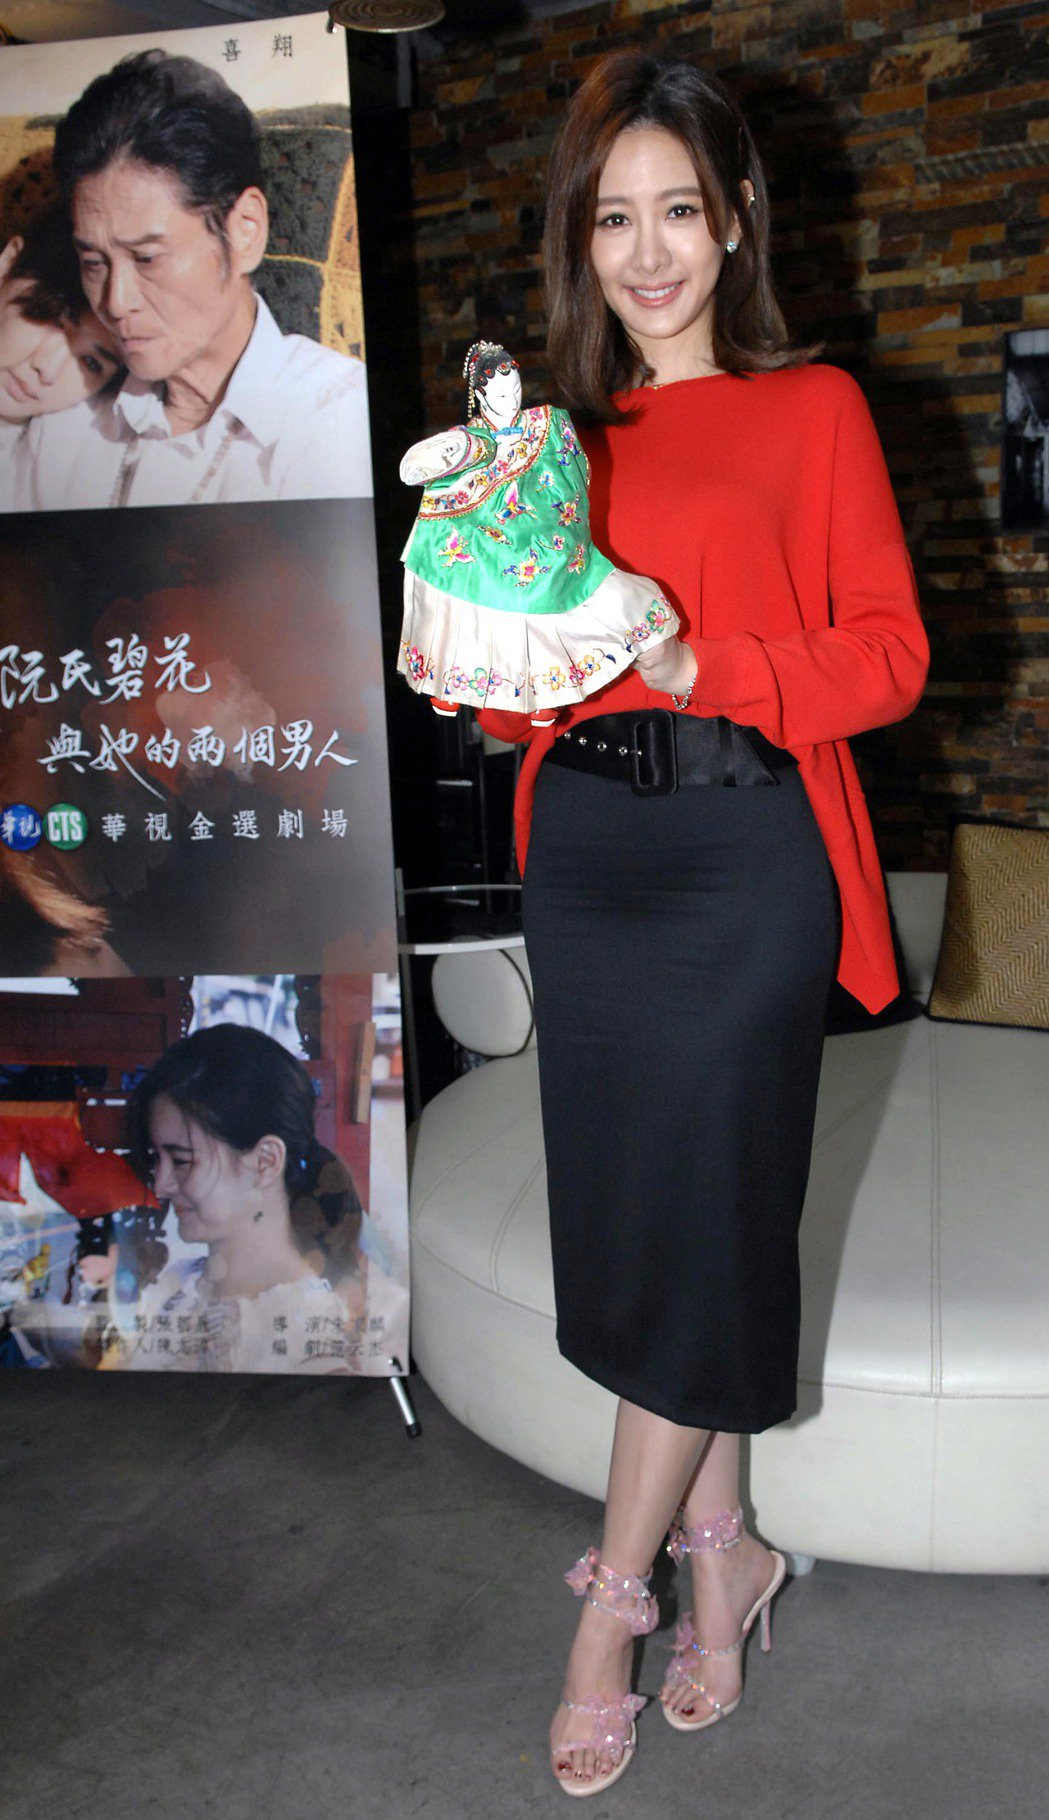 安心亞演出「阮氏碧花與她的兩個男人」。圖/華視提供